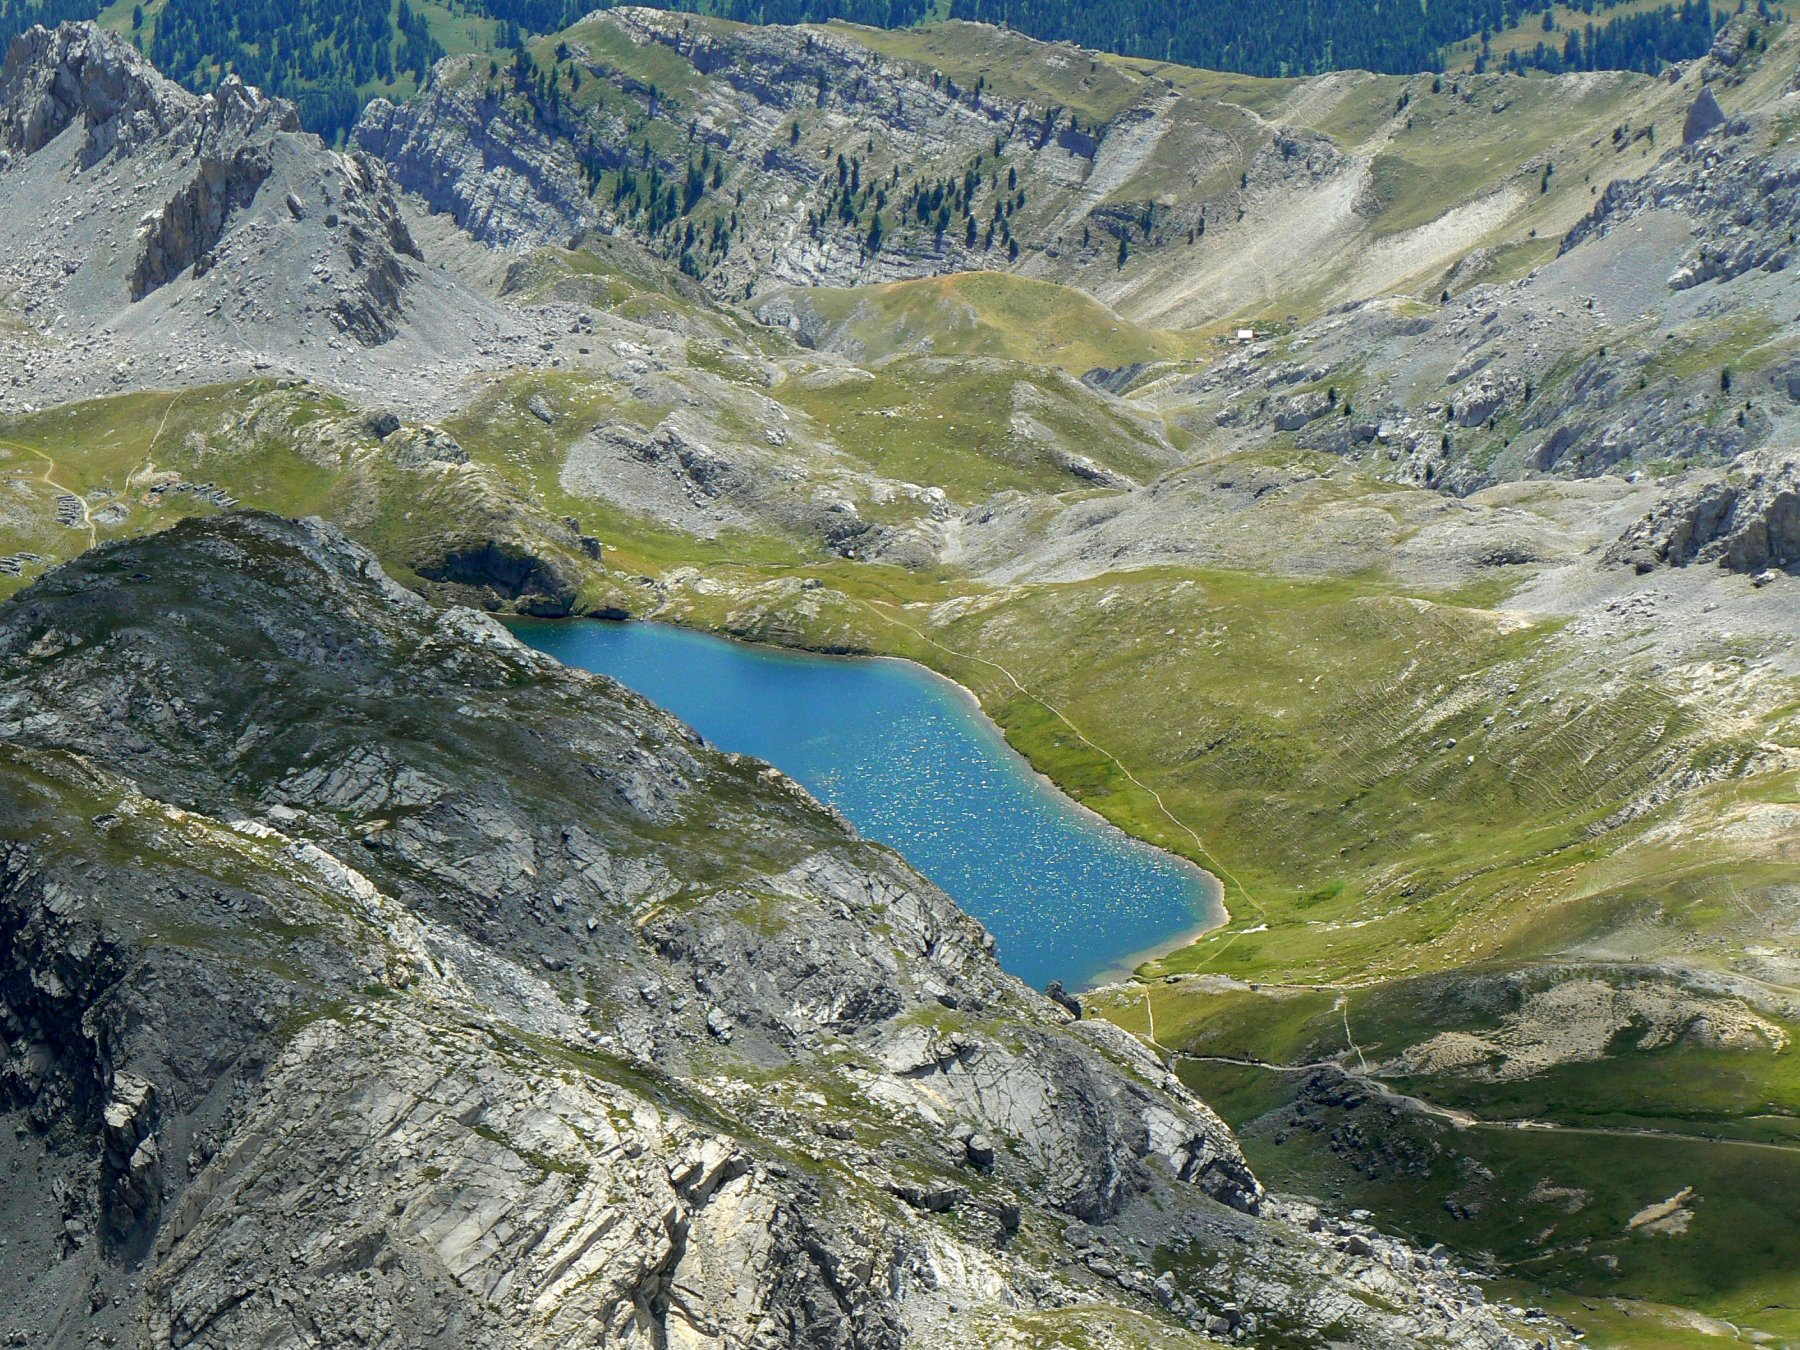 Laggiù in basso, ci aspetta il lago superiore di Roburent